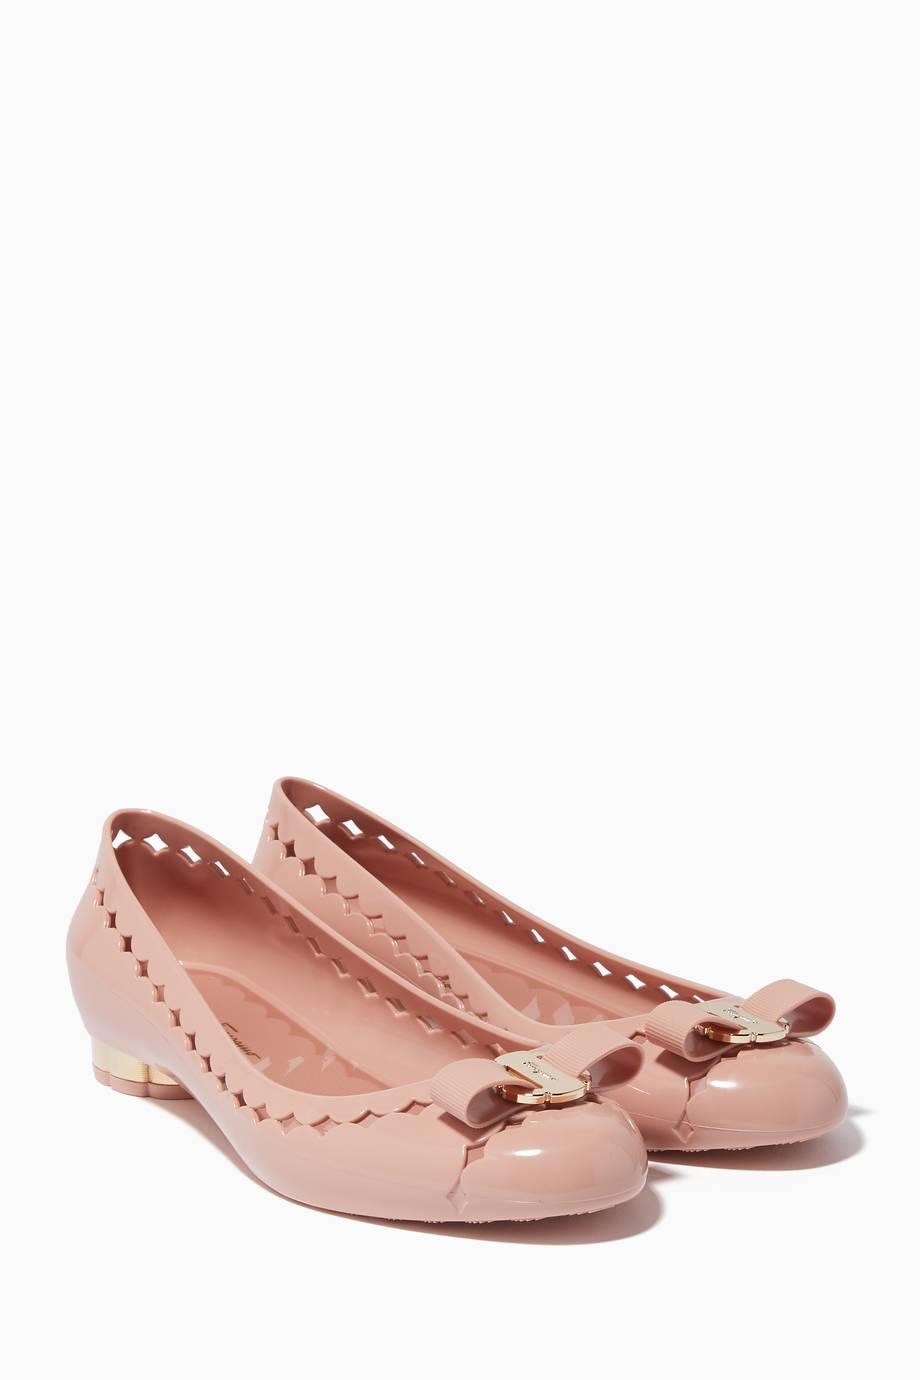 Salvatore Ferragamo Jelly Shoes Size Guide